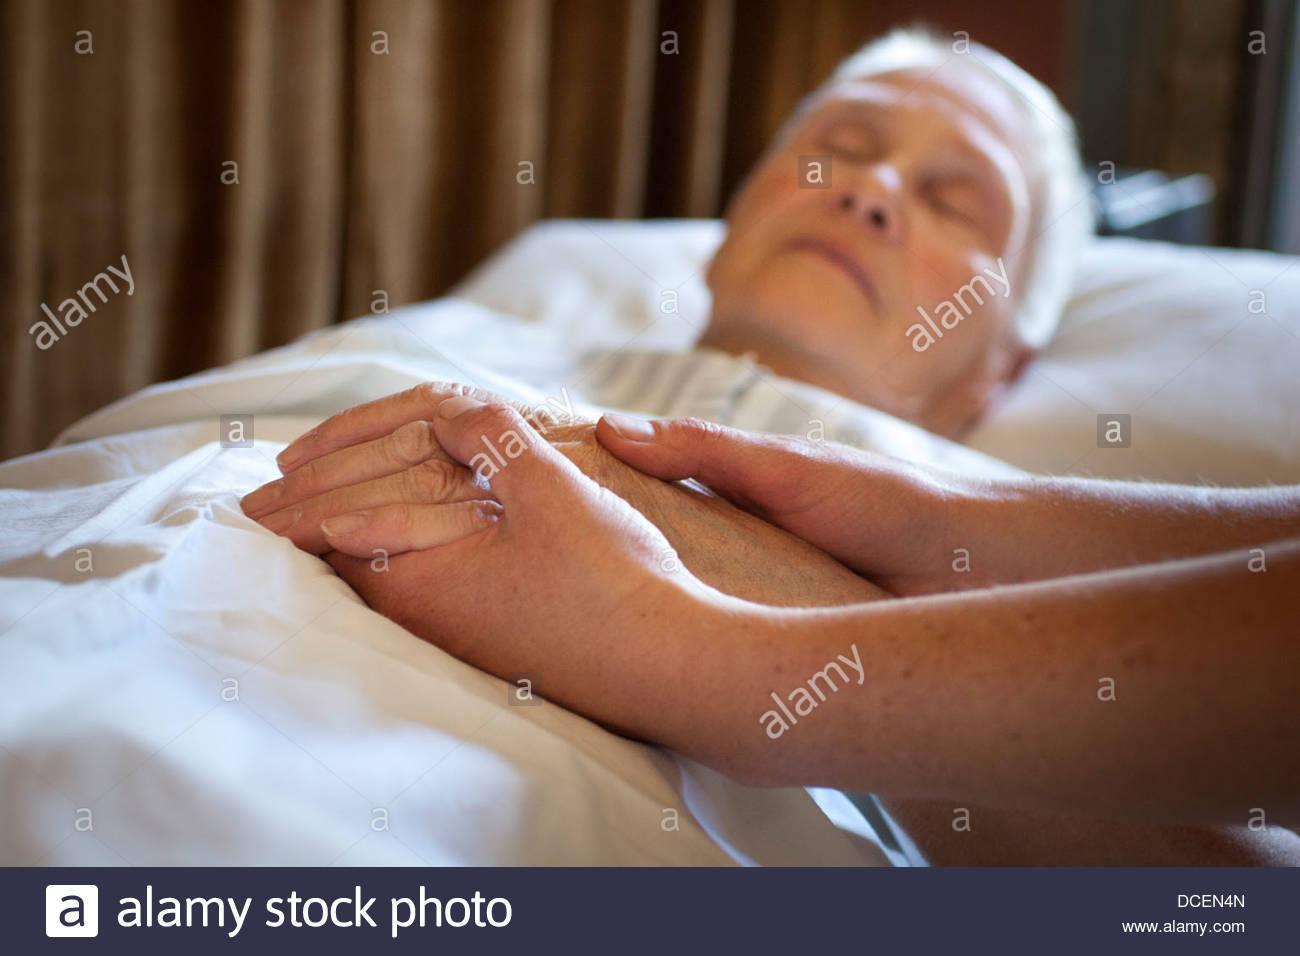 Hija cuidando a su madre enferma Imagen De Stock